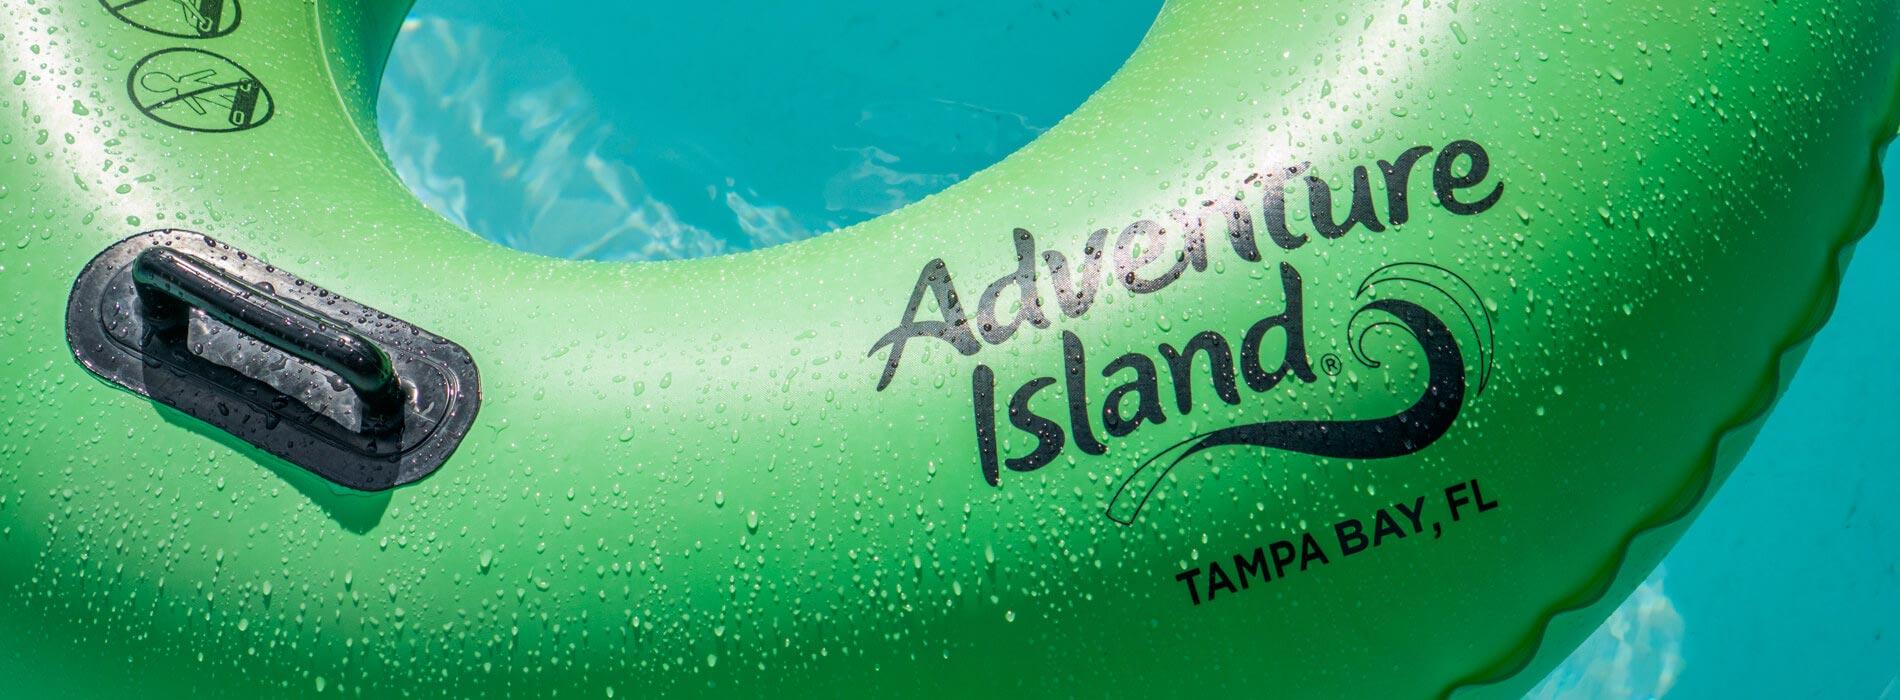 Tube at Adventure Island Tampa Bay